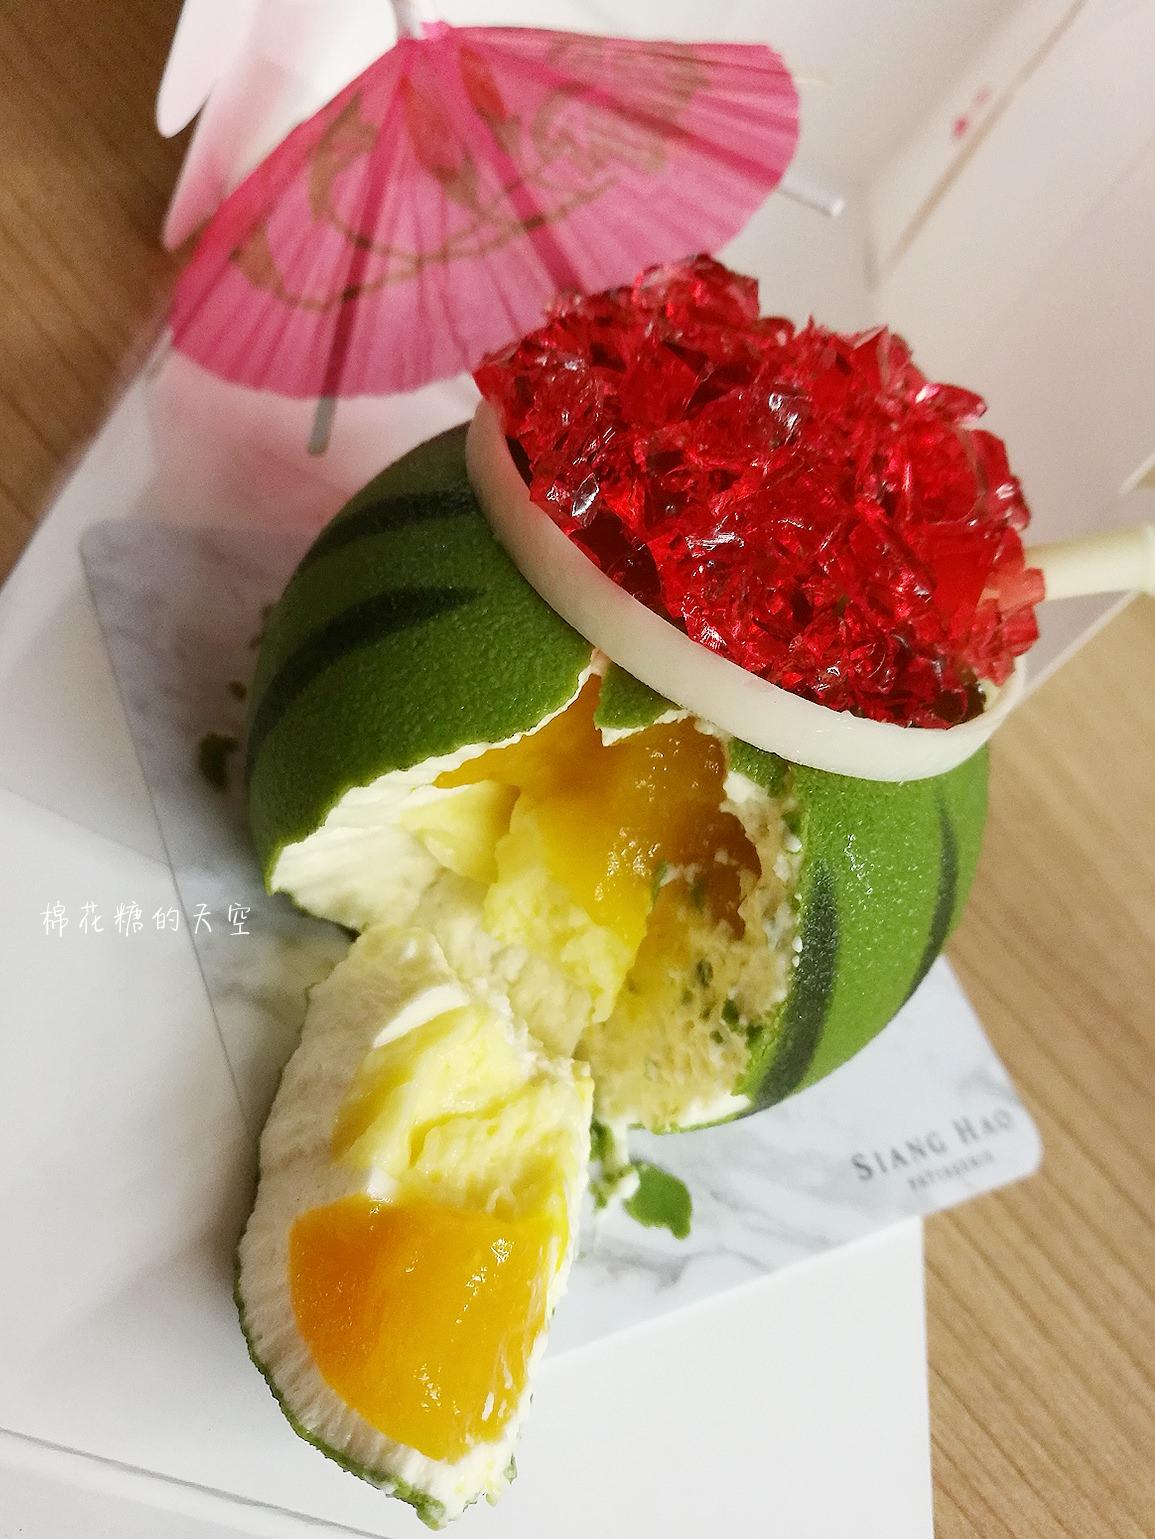 20180418222412 92 - 台中浮誇系甜點最新品-夏日西瓜,連吸管都可以吃喔!